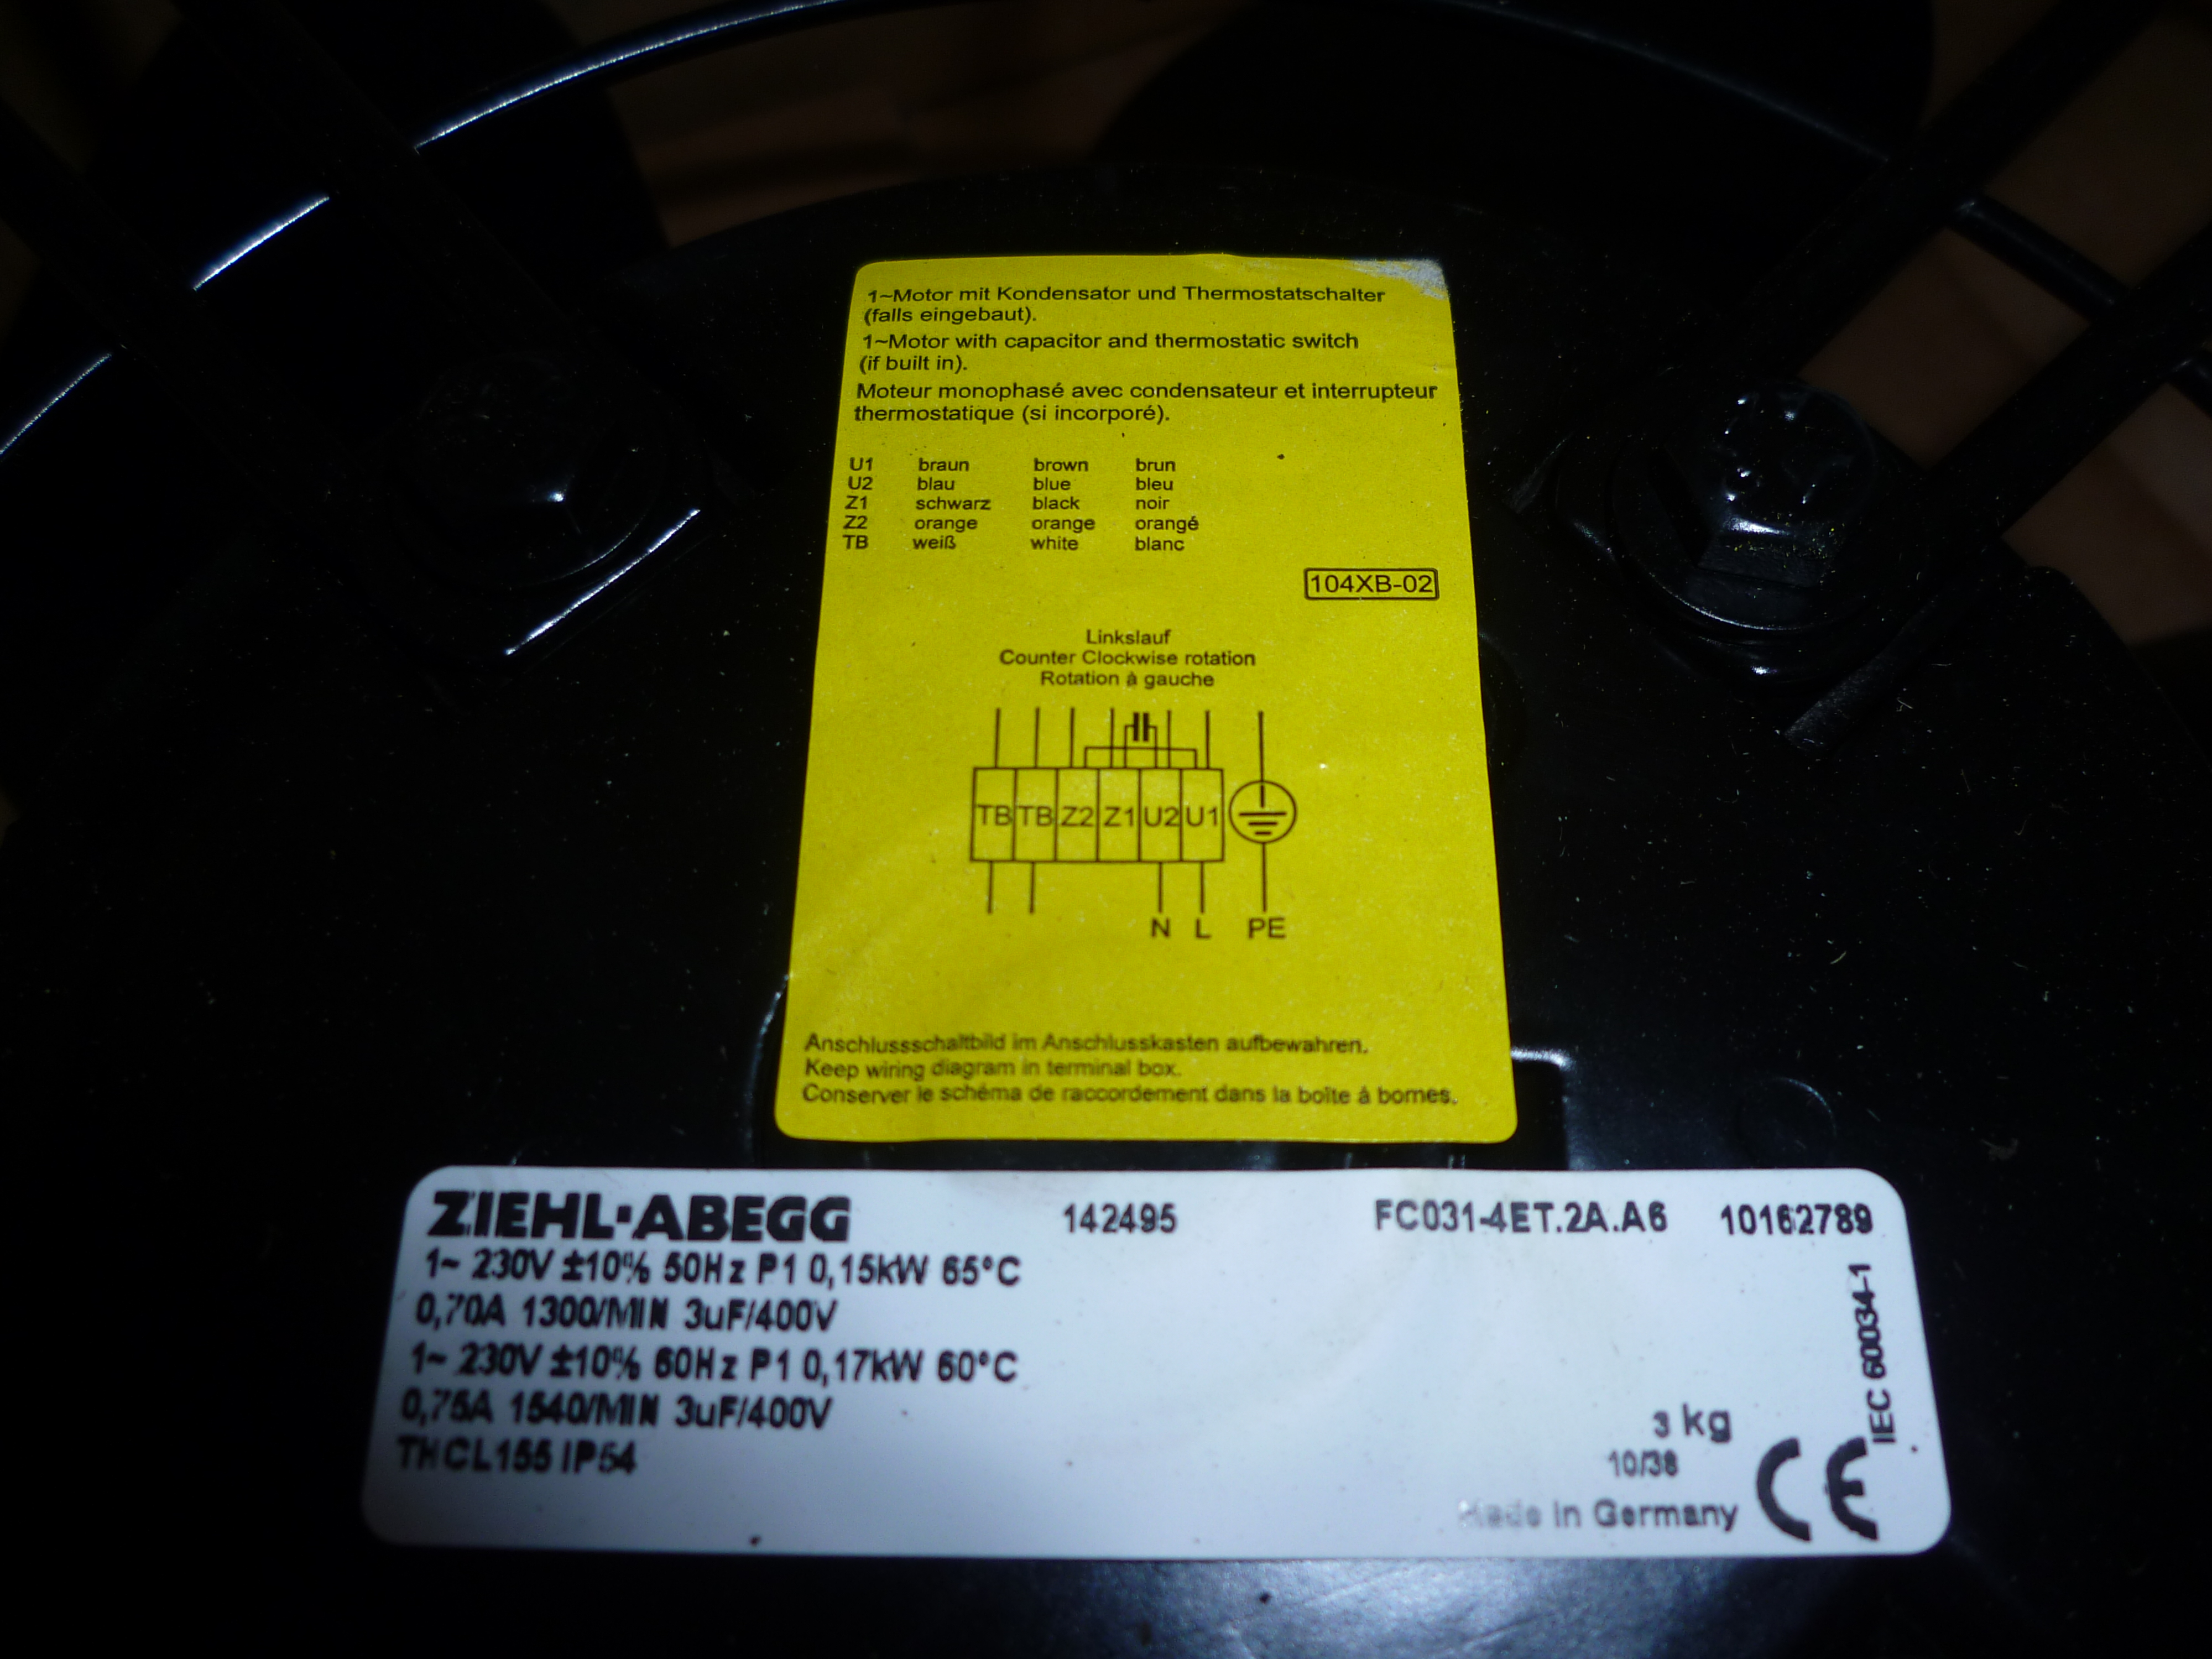 Silnik jednofazowy firmy ZIEHL-ABEGG     Jak pod��czy�?